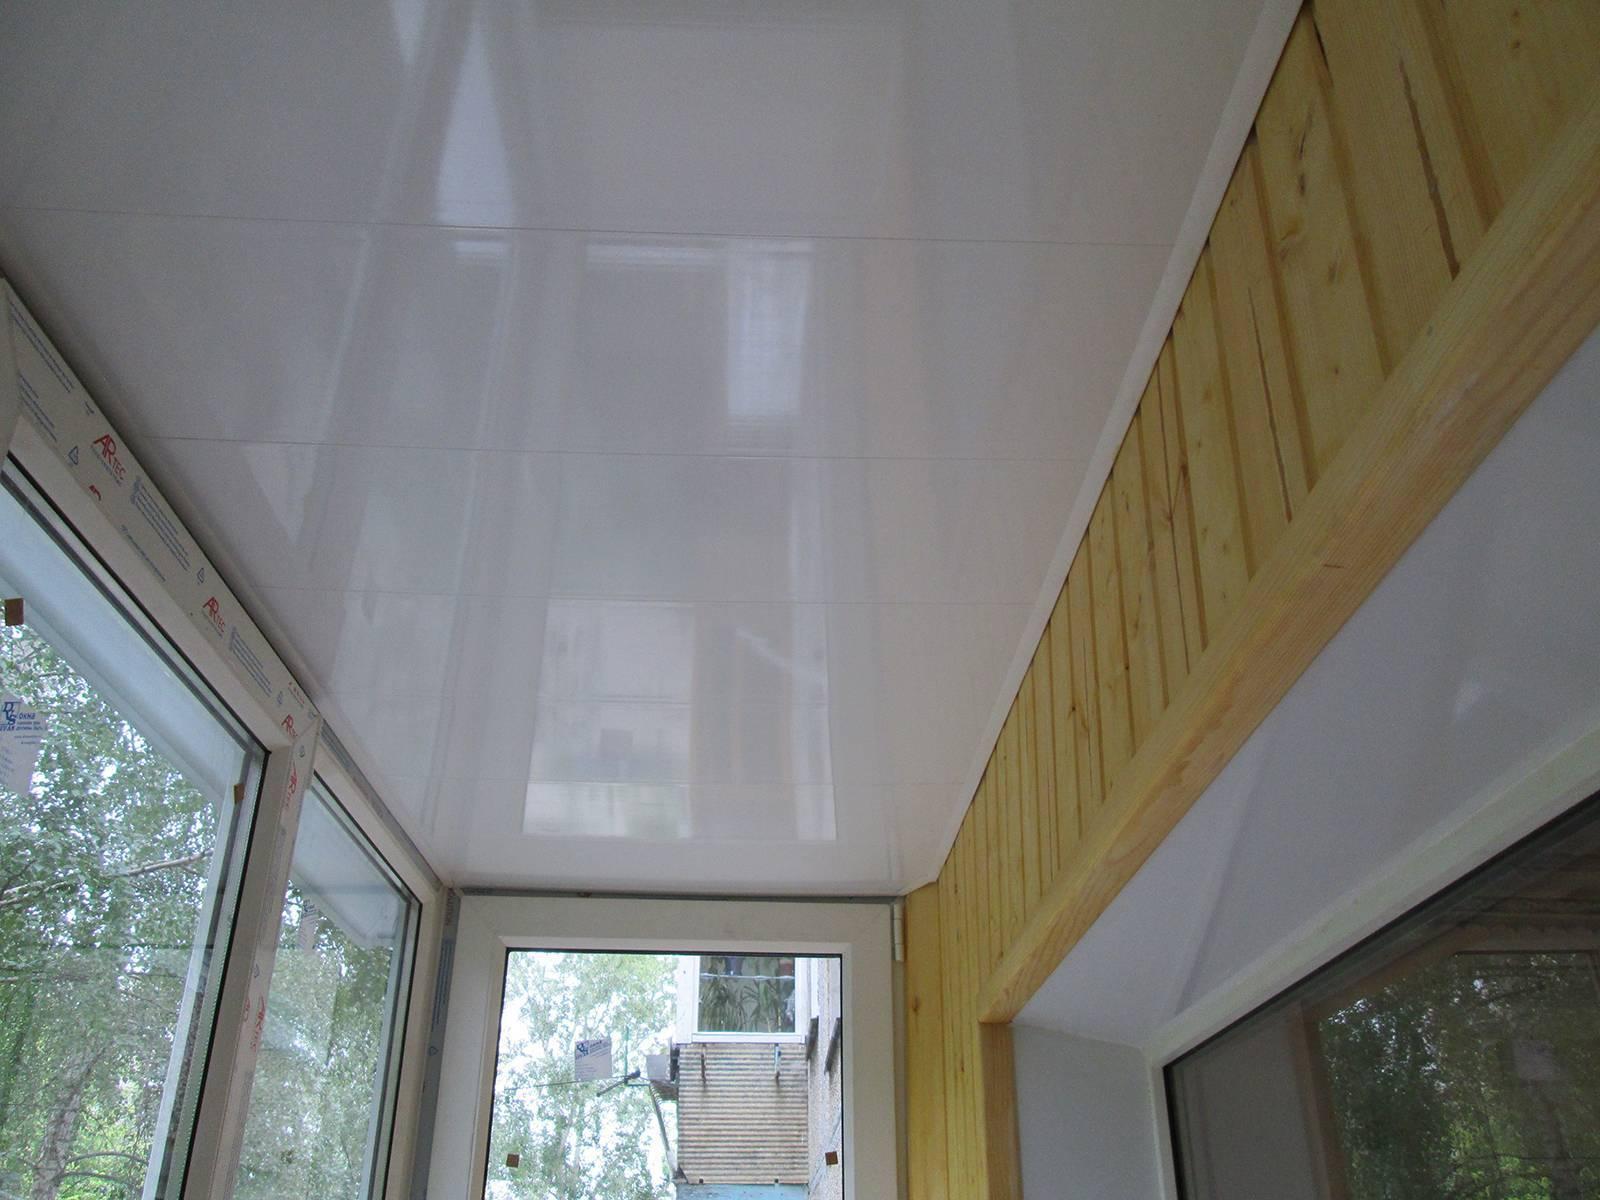 Потолок пвх своими руками: пошаговая инструкция, как сделать и укрепить каркас для крепления подвесных панелей, монтаж плит в ванной, на кухне и других помещениях